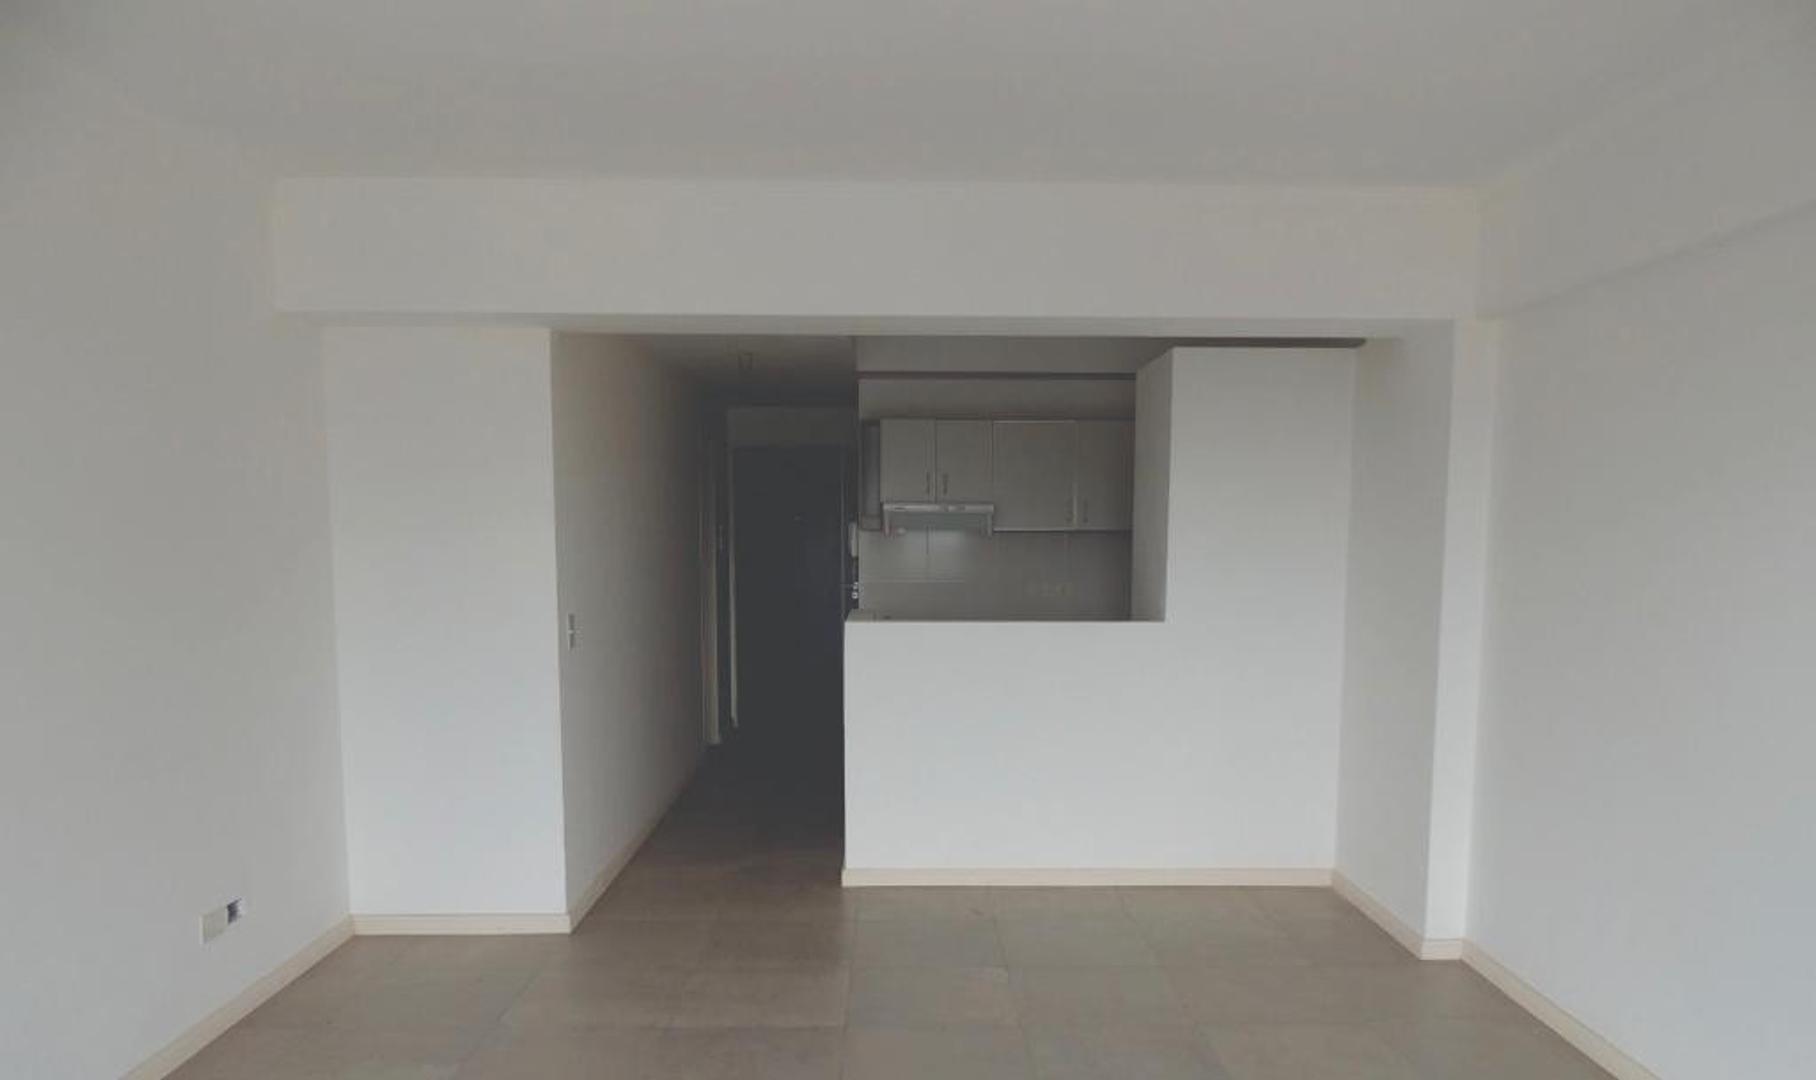 Departamento en Villa Ballester con 1 habitacion